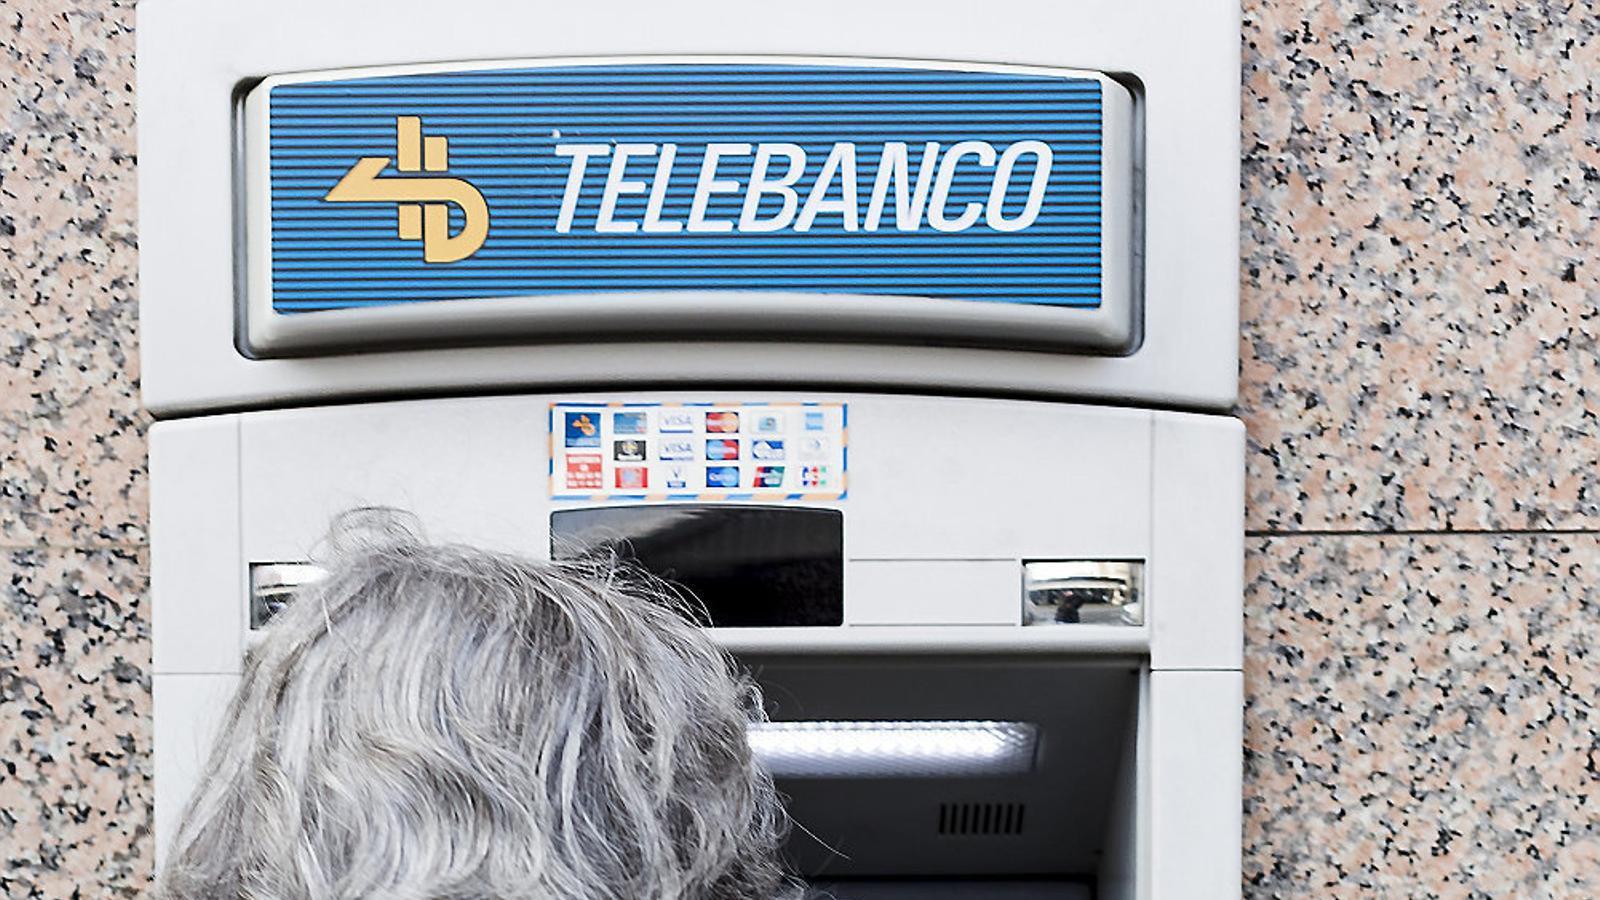 Una senyora traient diners d'un caixer automàtic.